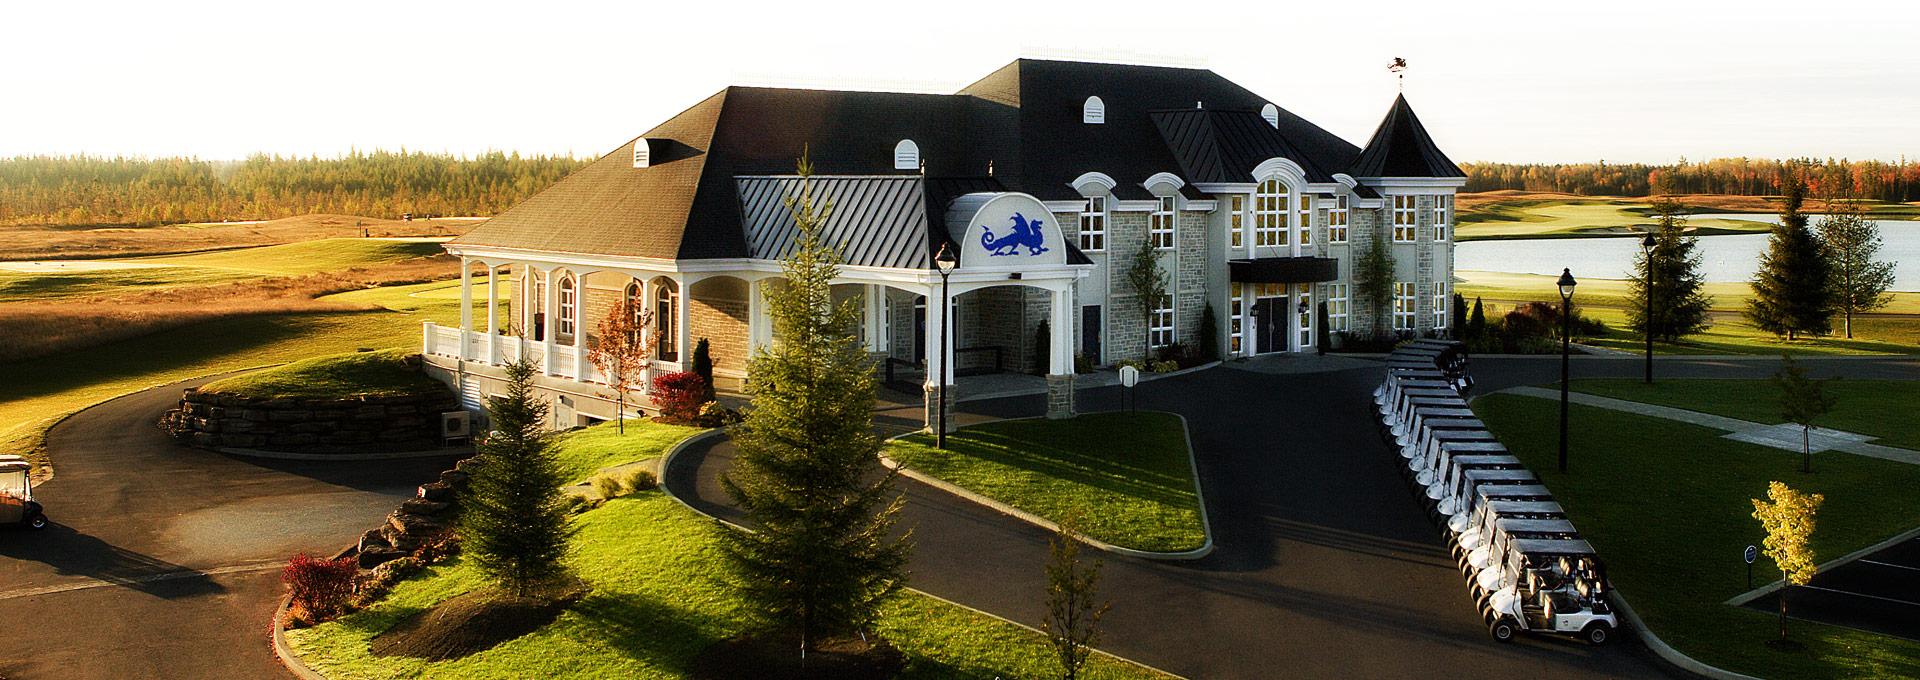 Hotel Quebec